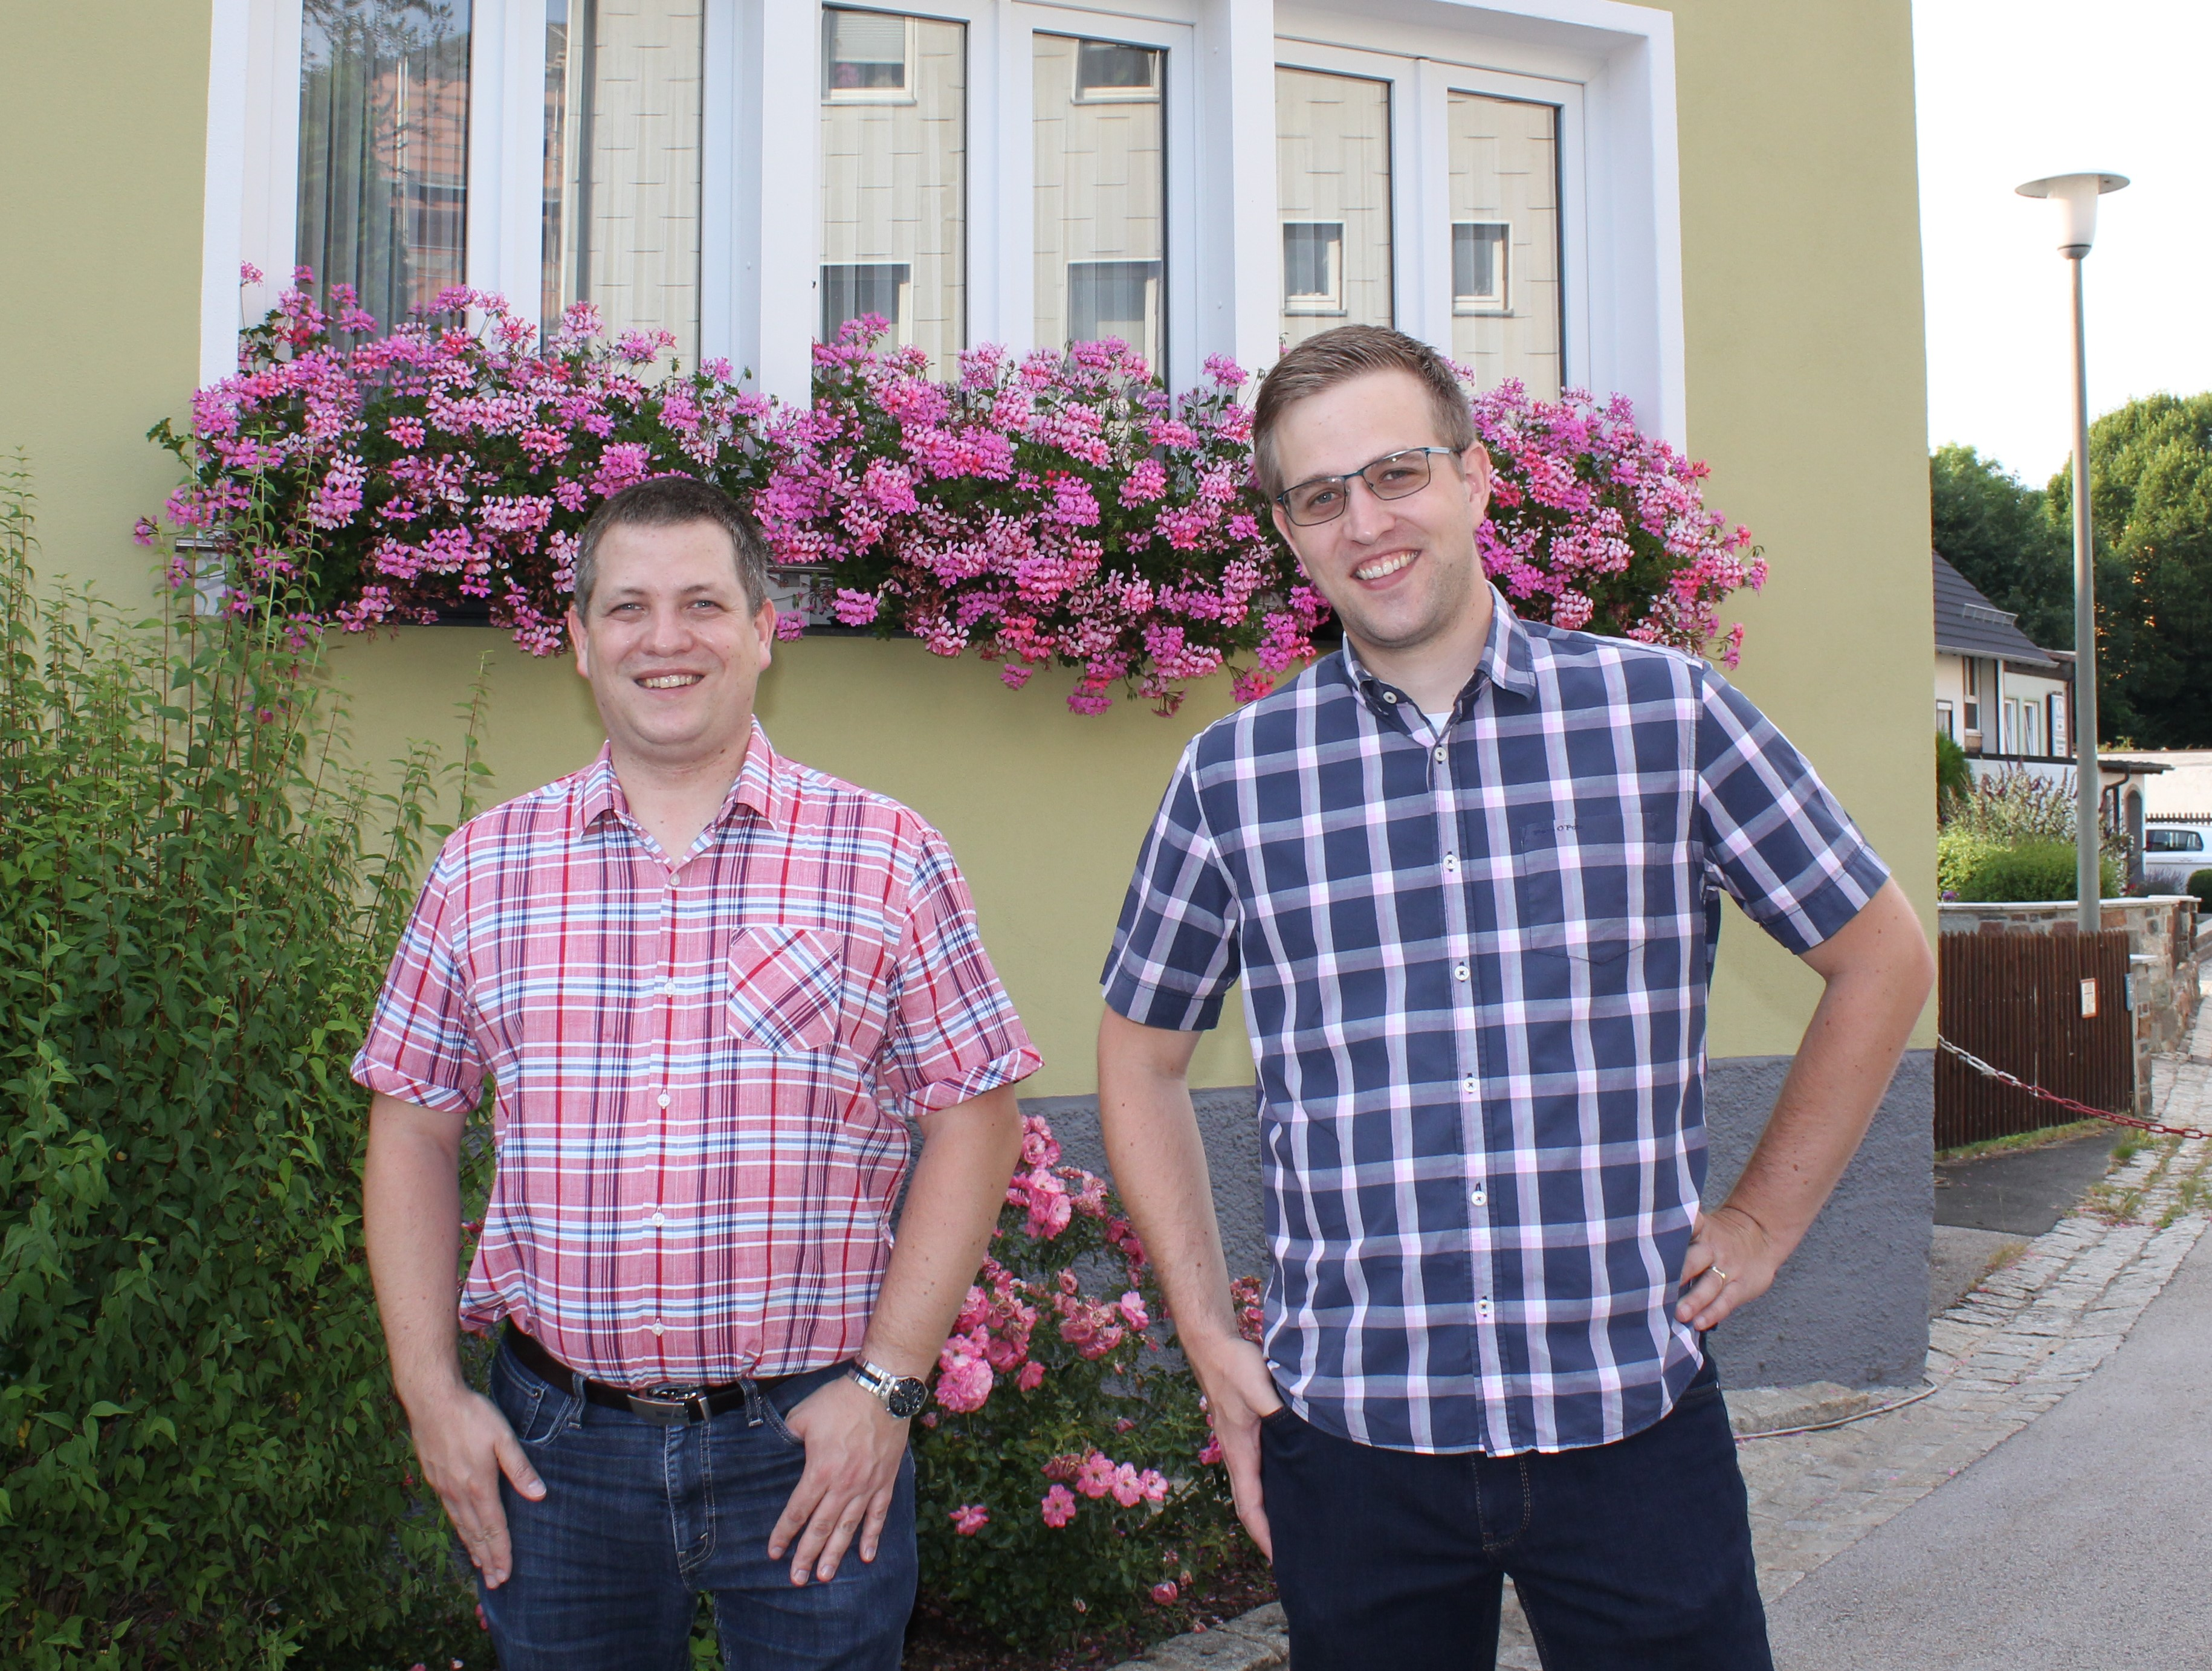 Die zwei Jugendbeauftragten der Gemeinde: Wolfgang Knappe (links) und Matthias Knappe (rechts)